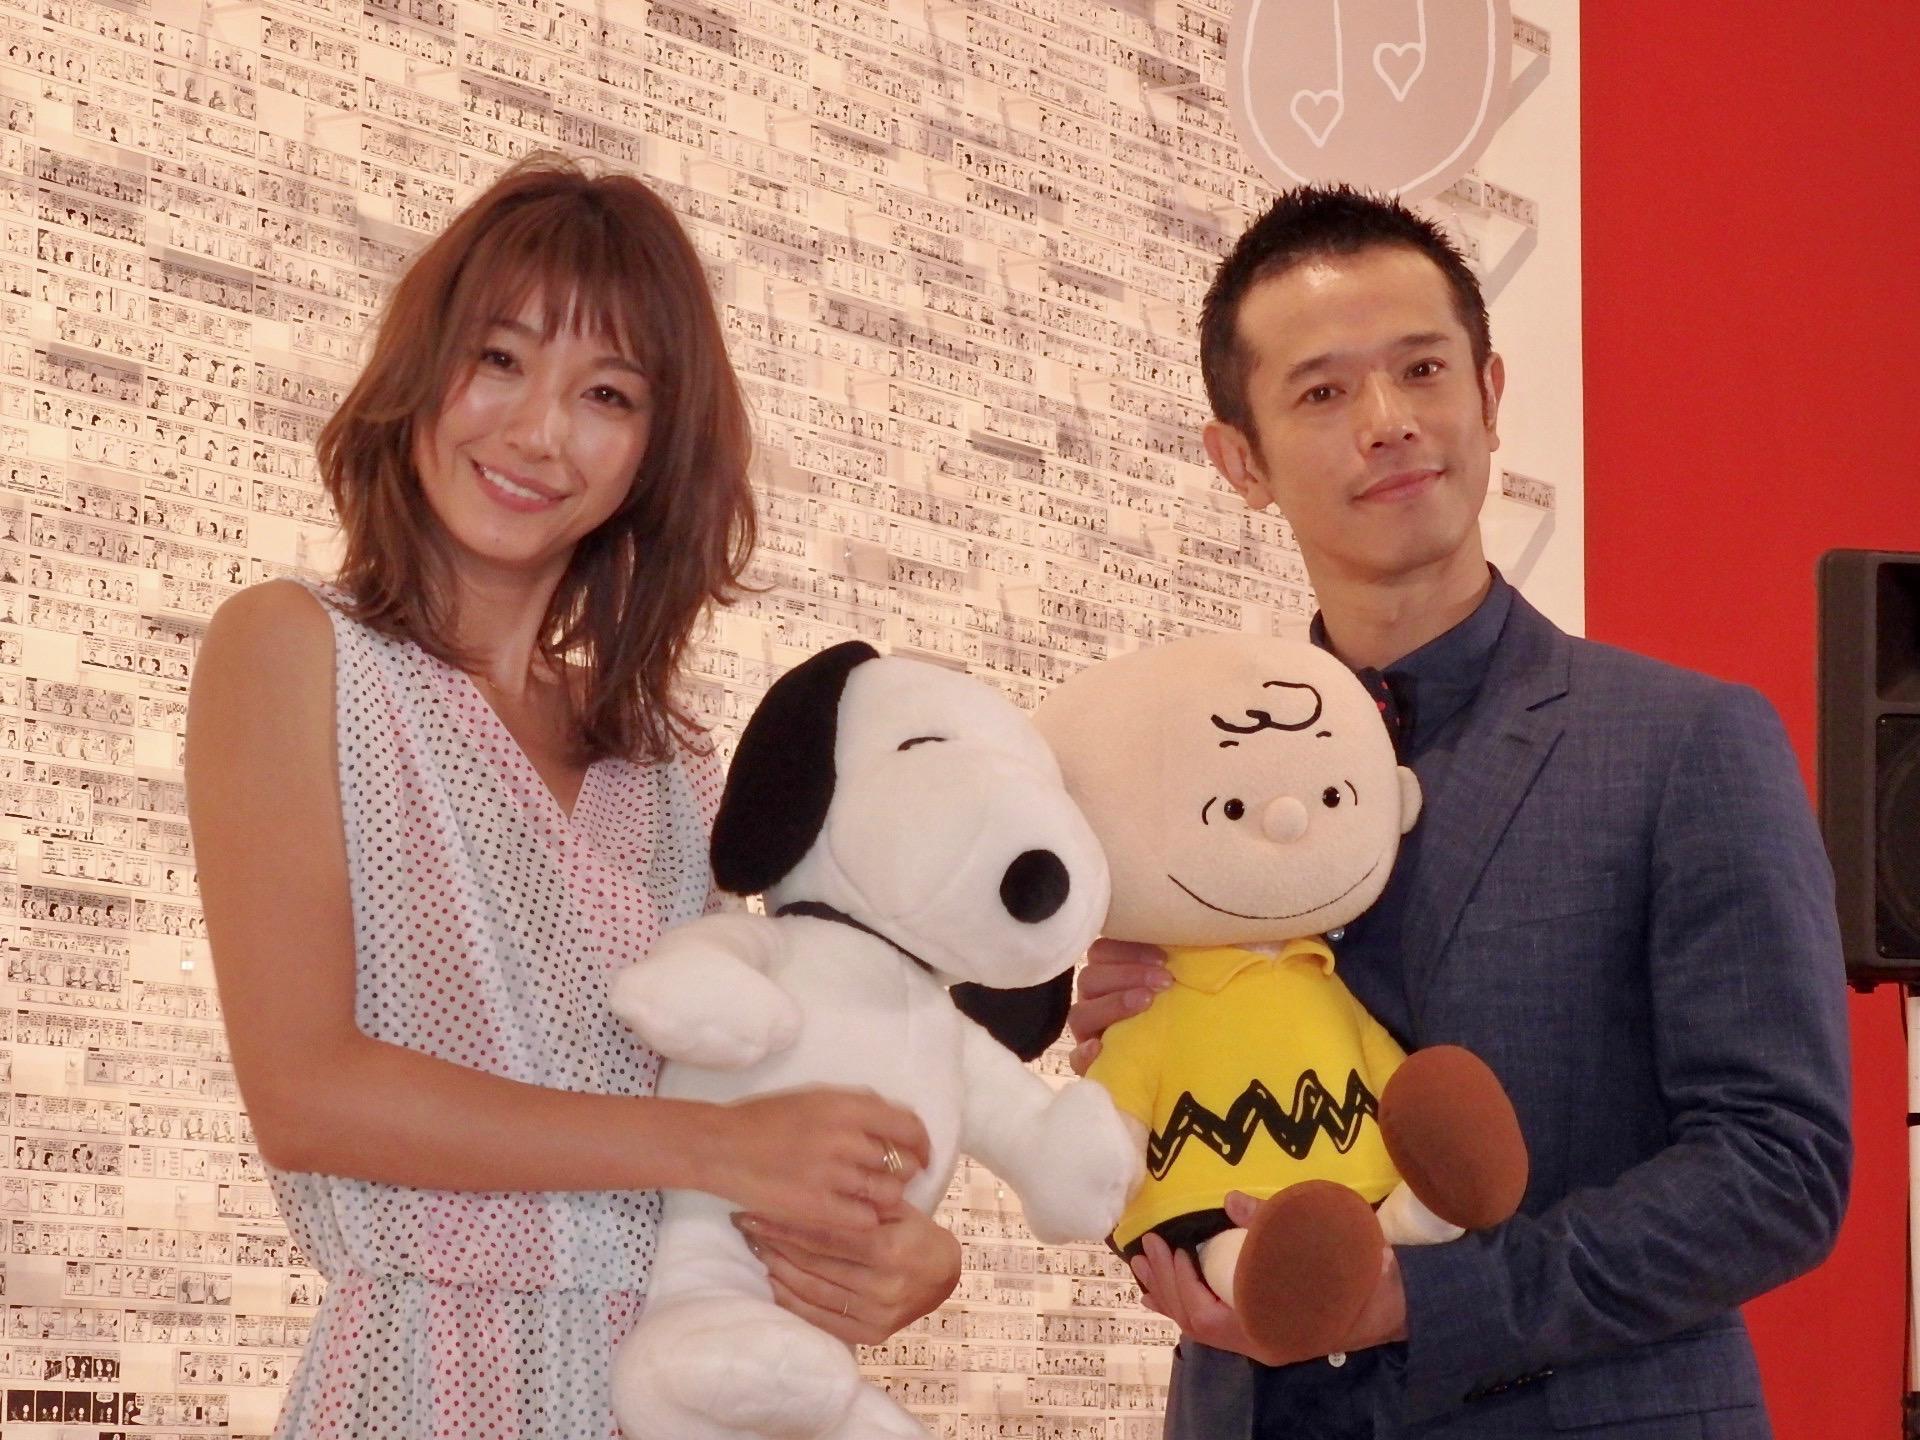 http://news.yoshimoto.co.jp/20180206180306-128b86b488cdf038b3361d8aacbdd6ac4119cbb3.jpg